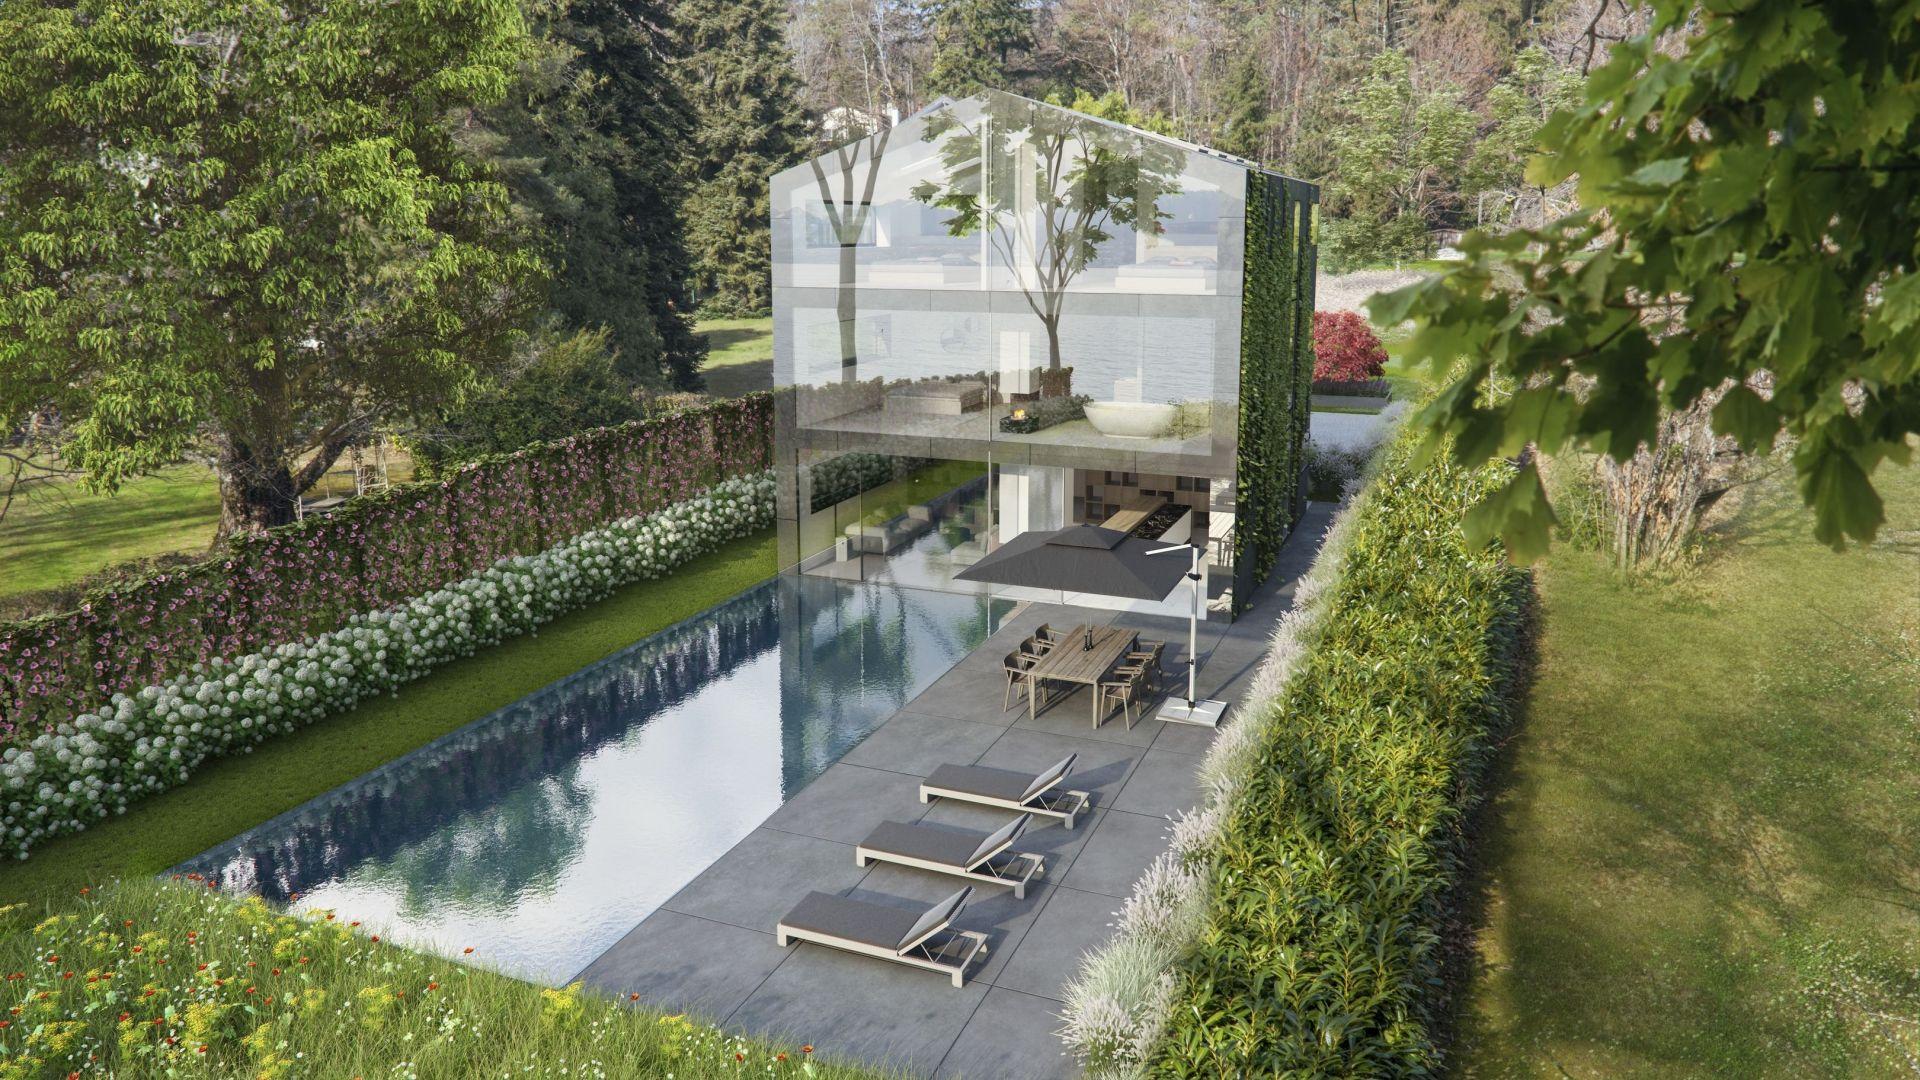 Buchillon - Villa privée pied dans l'eau